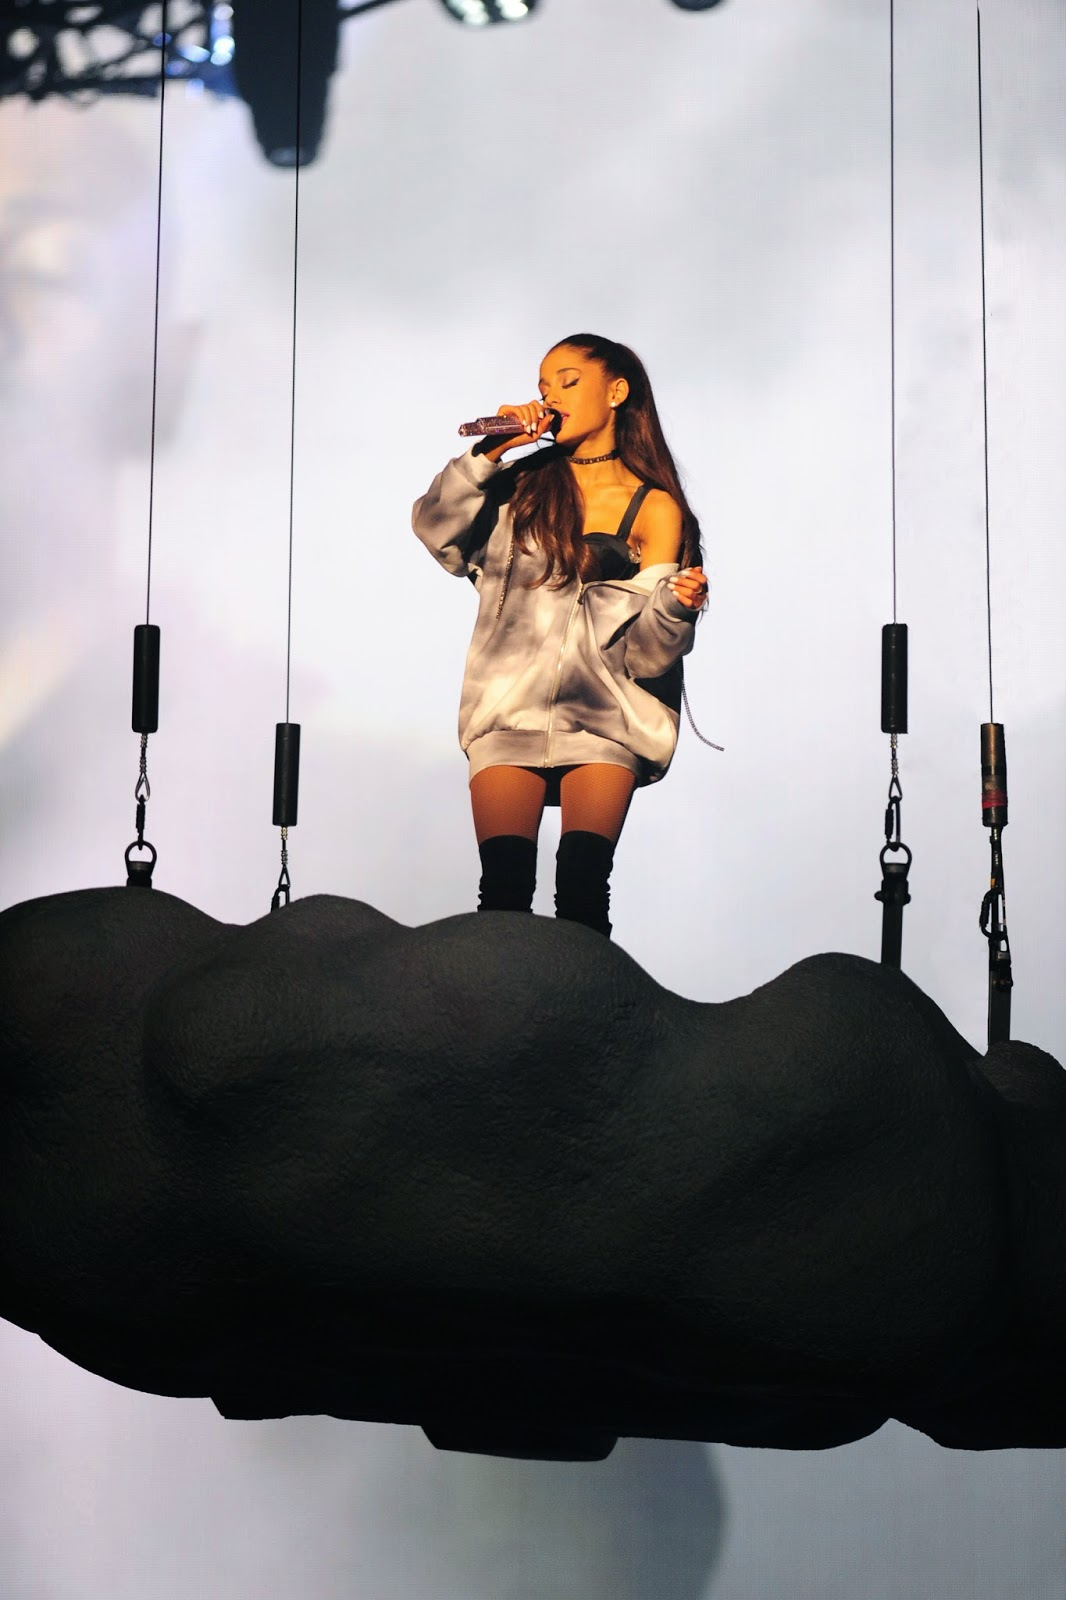 Ariana Grande Atriz Porno ariana grande sexy em concerto - tomates podres